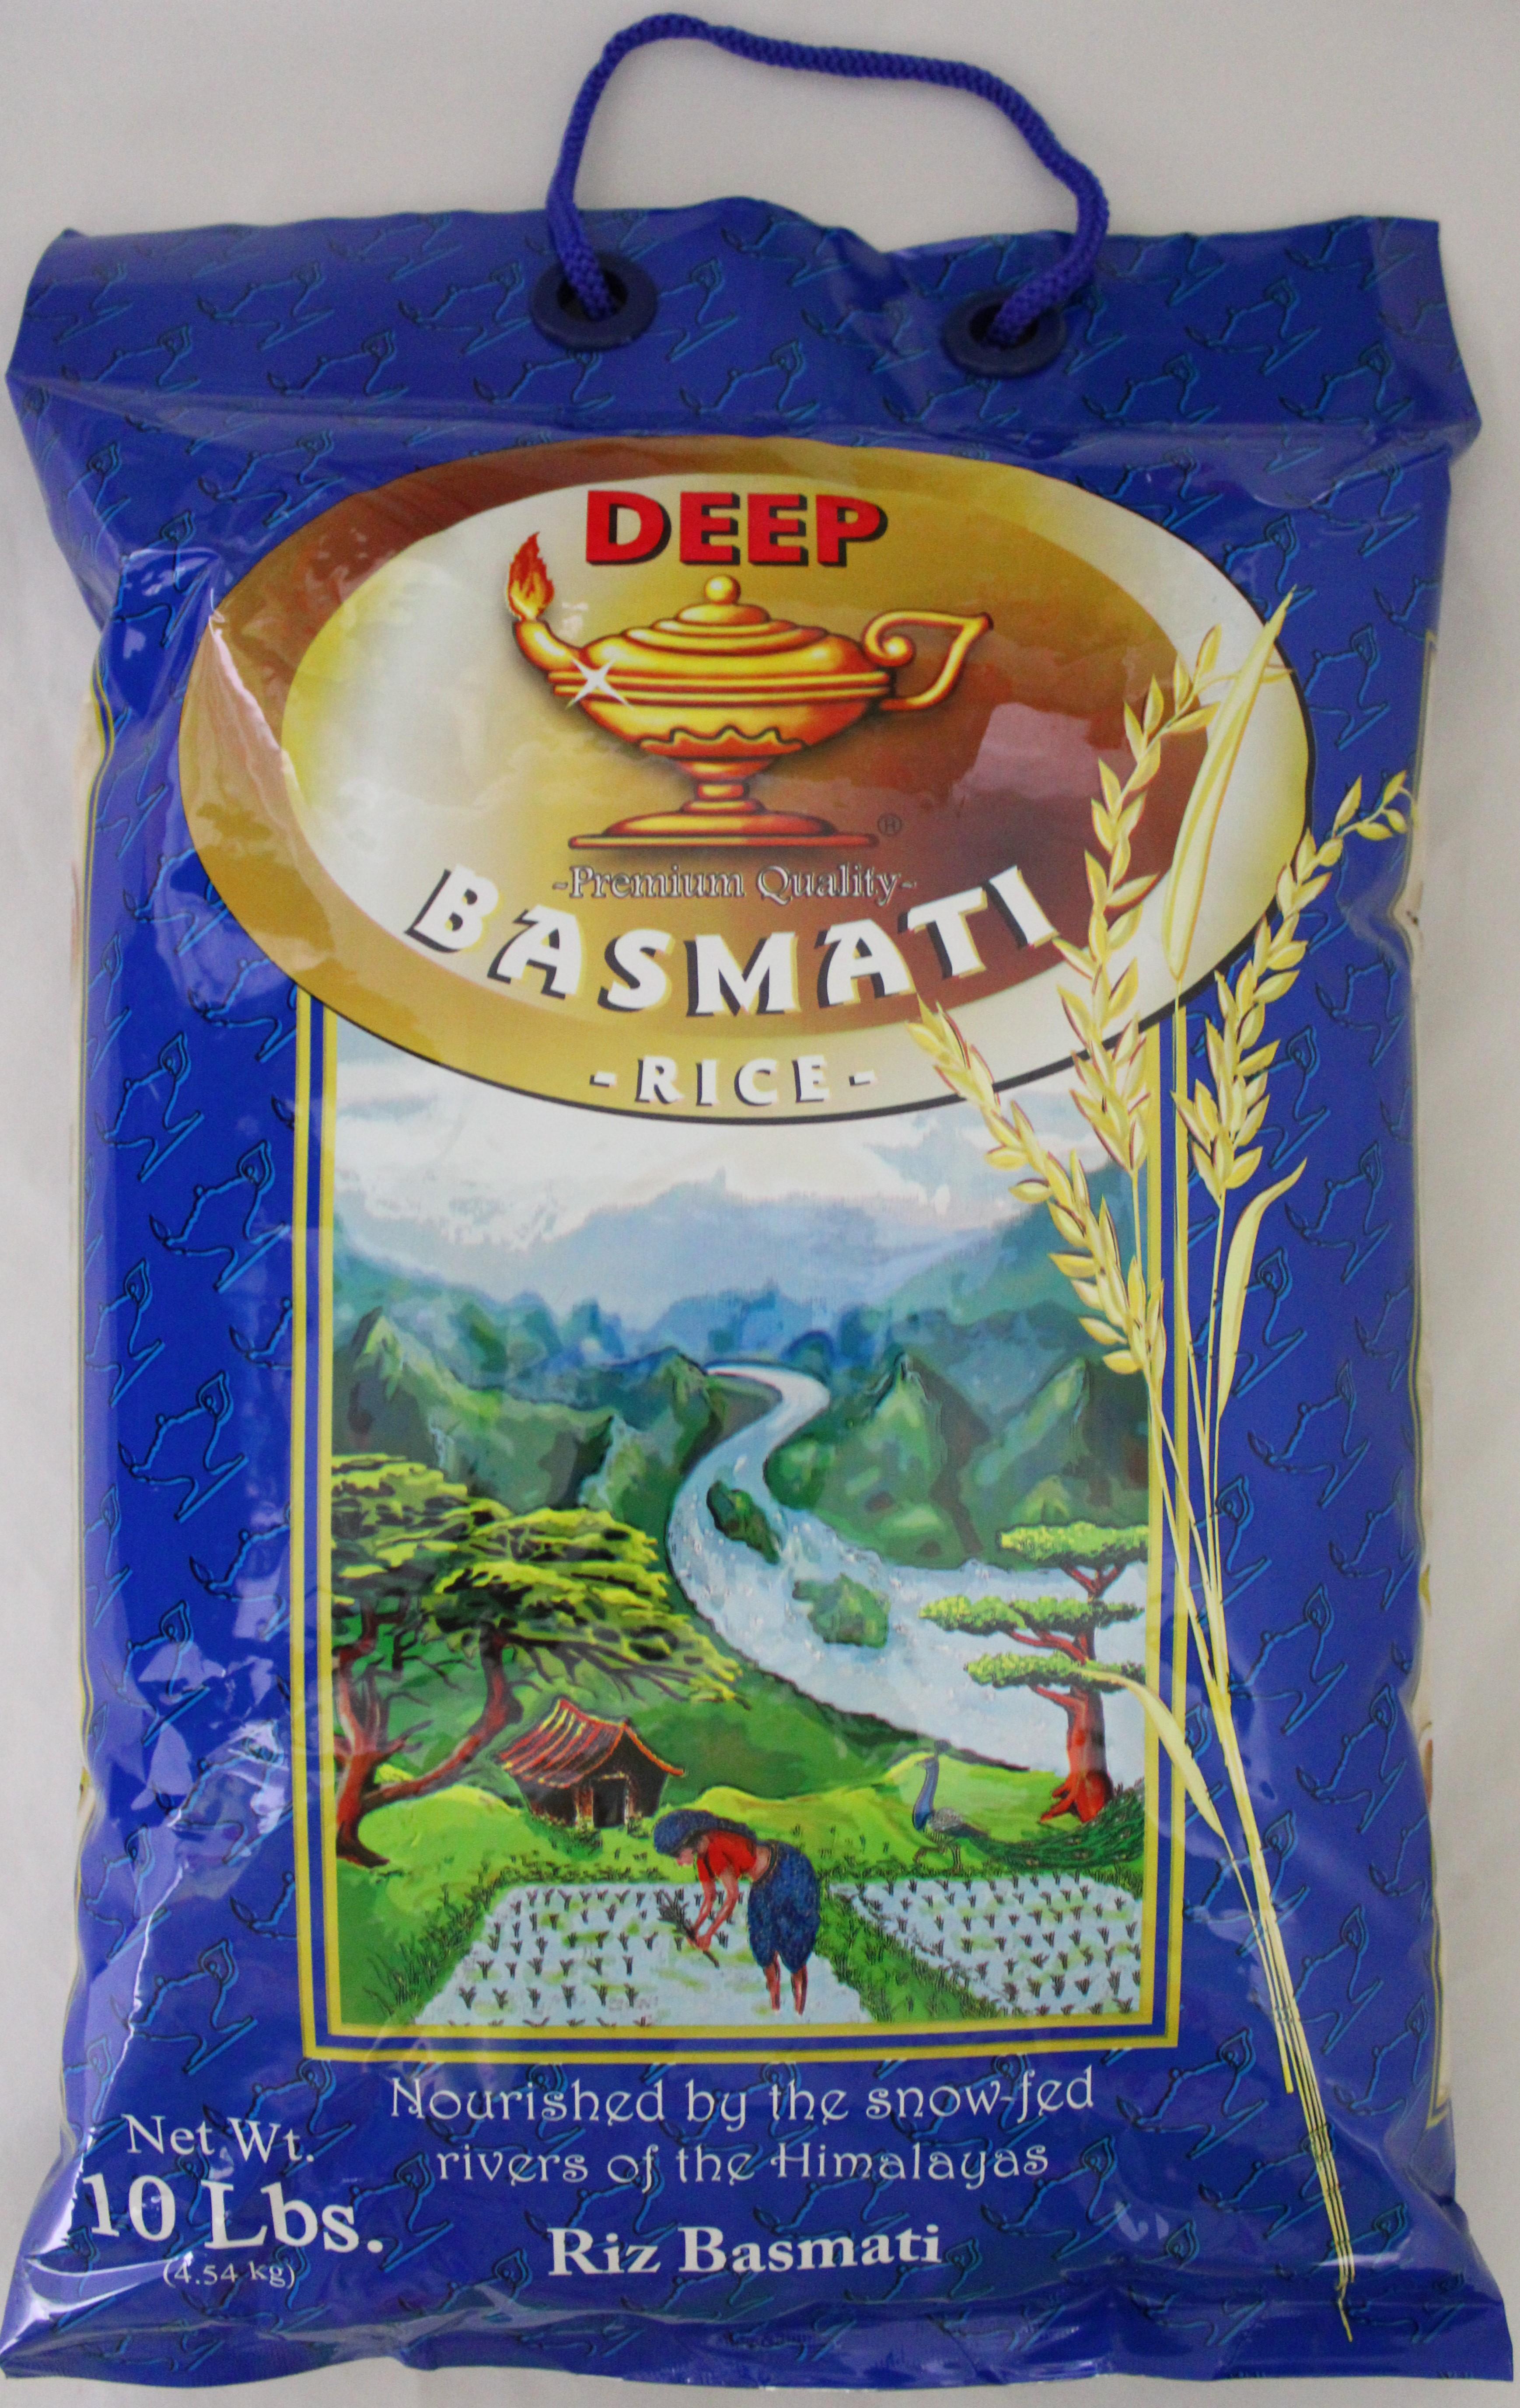 Indian Grocery - Basmati Rice 10 lbs